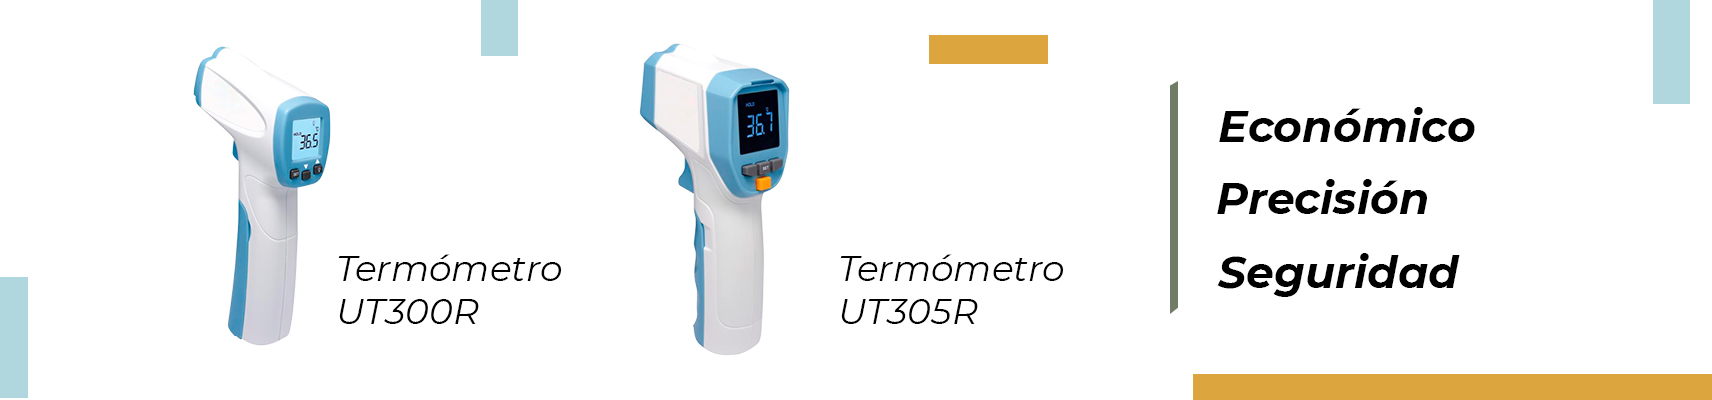 termometros infrarrojos para control de accesos